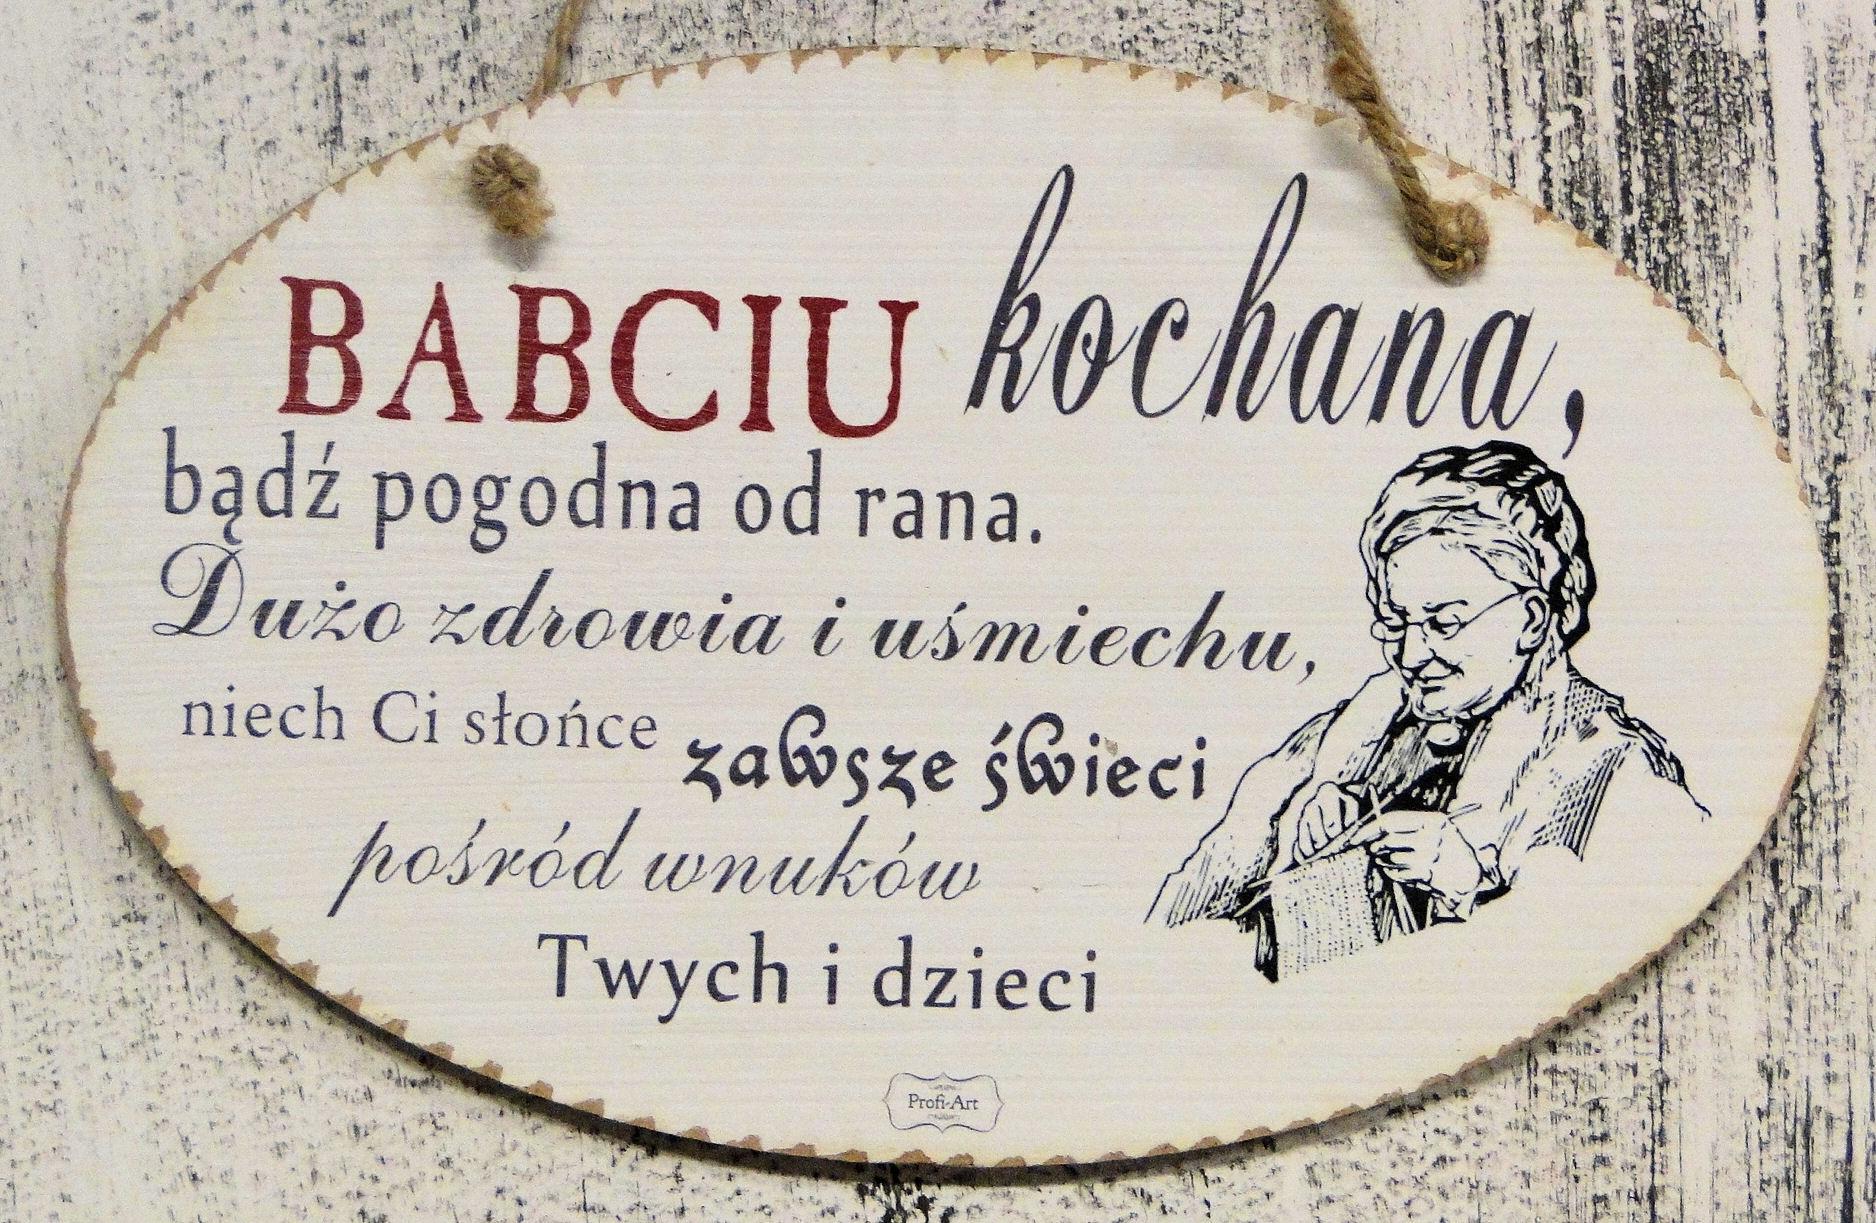 BABCIU KOCHANA TV722.jpg